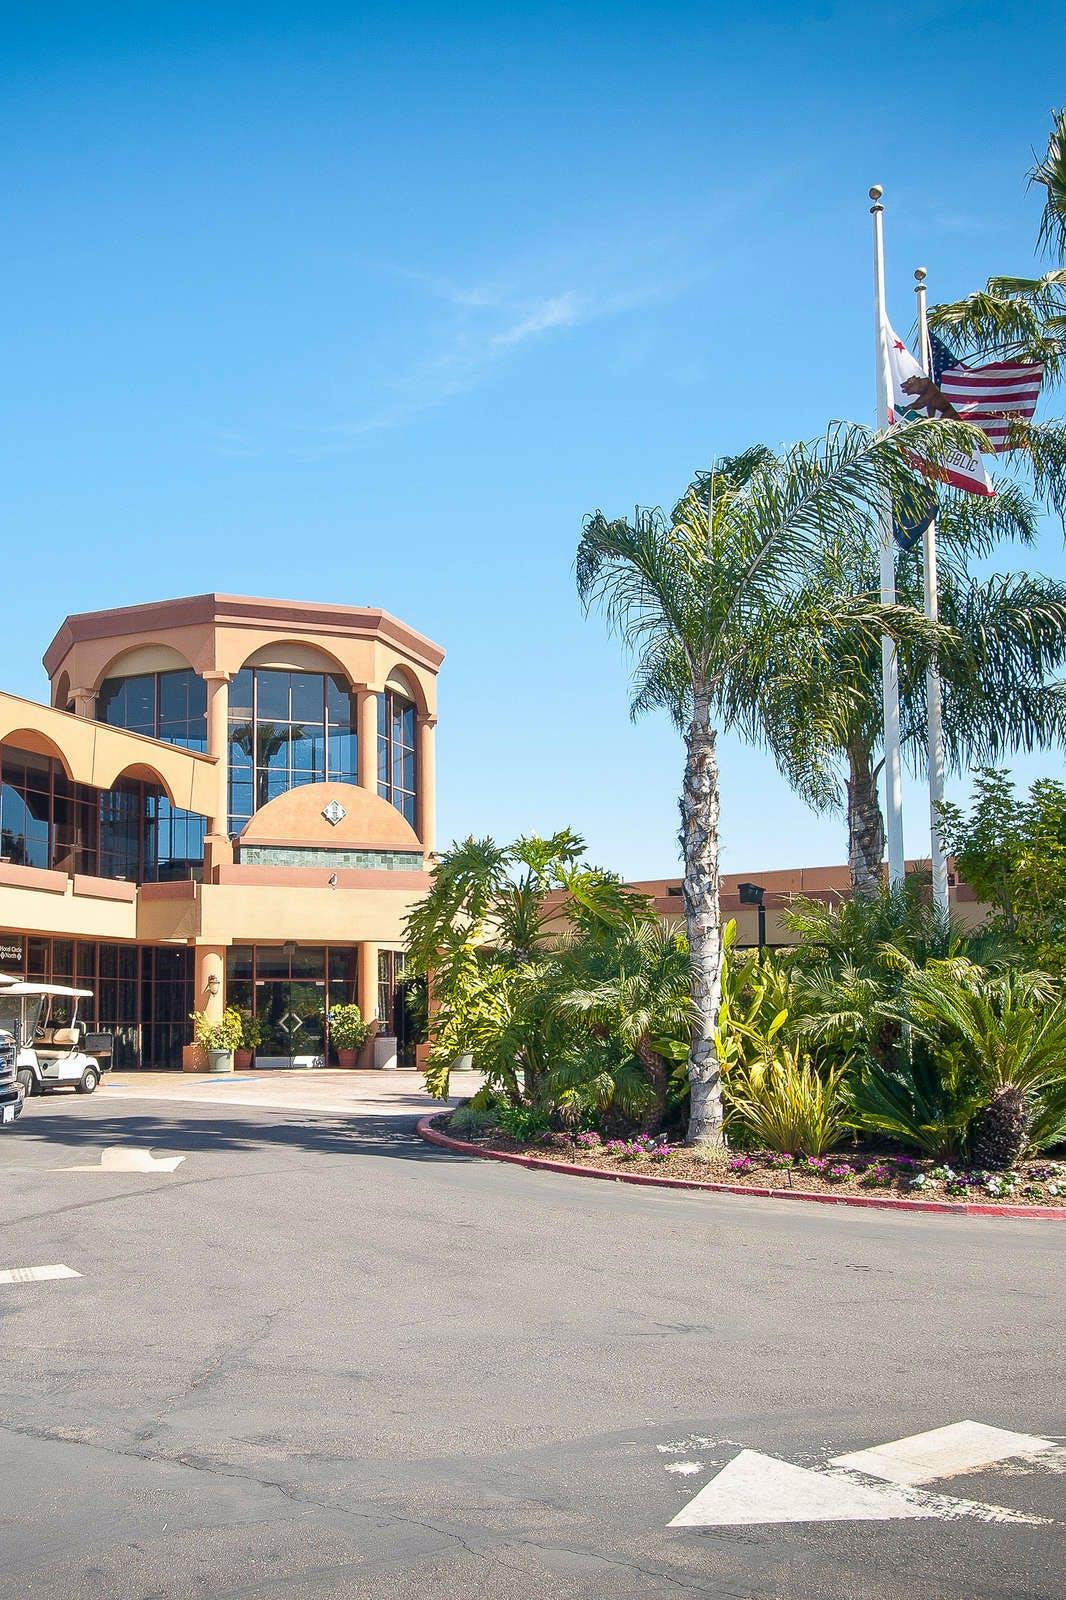 Handlery Hotel San Diego